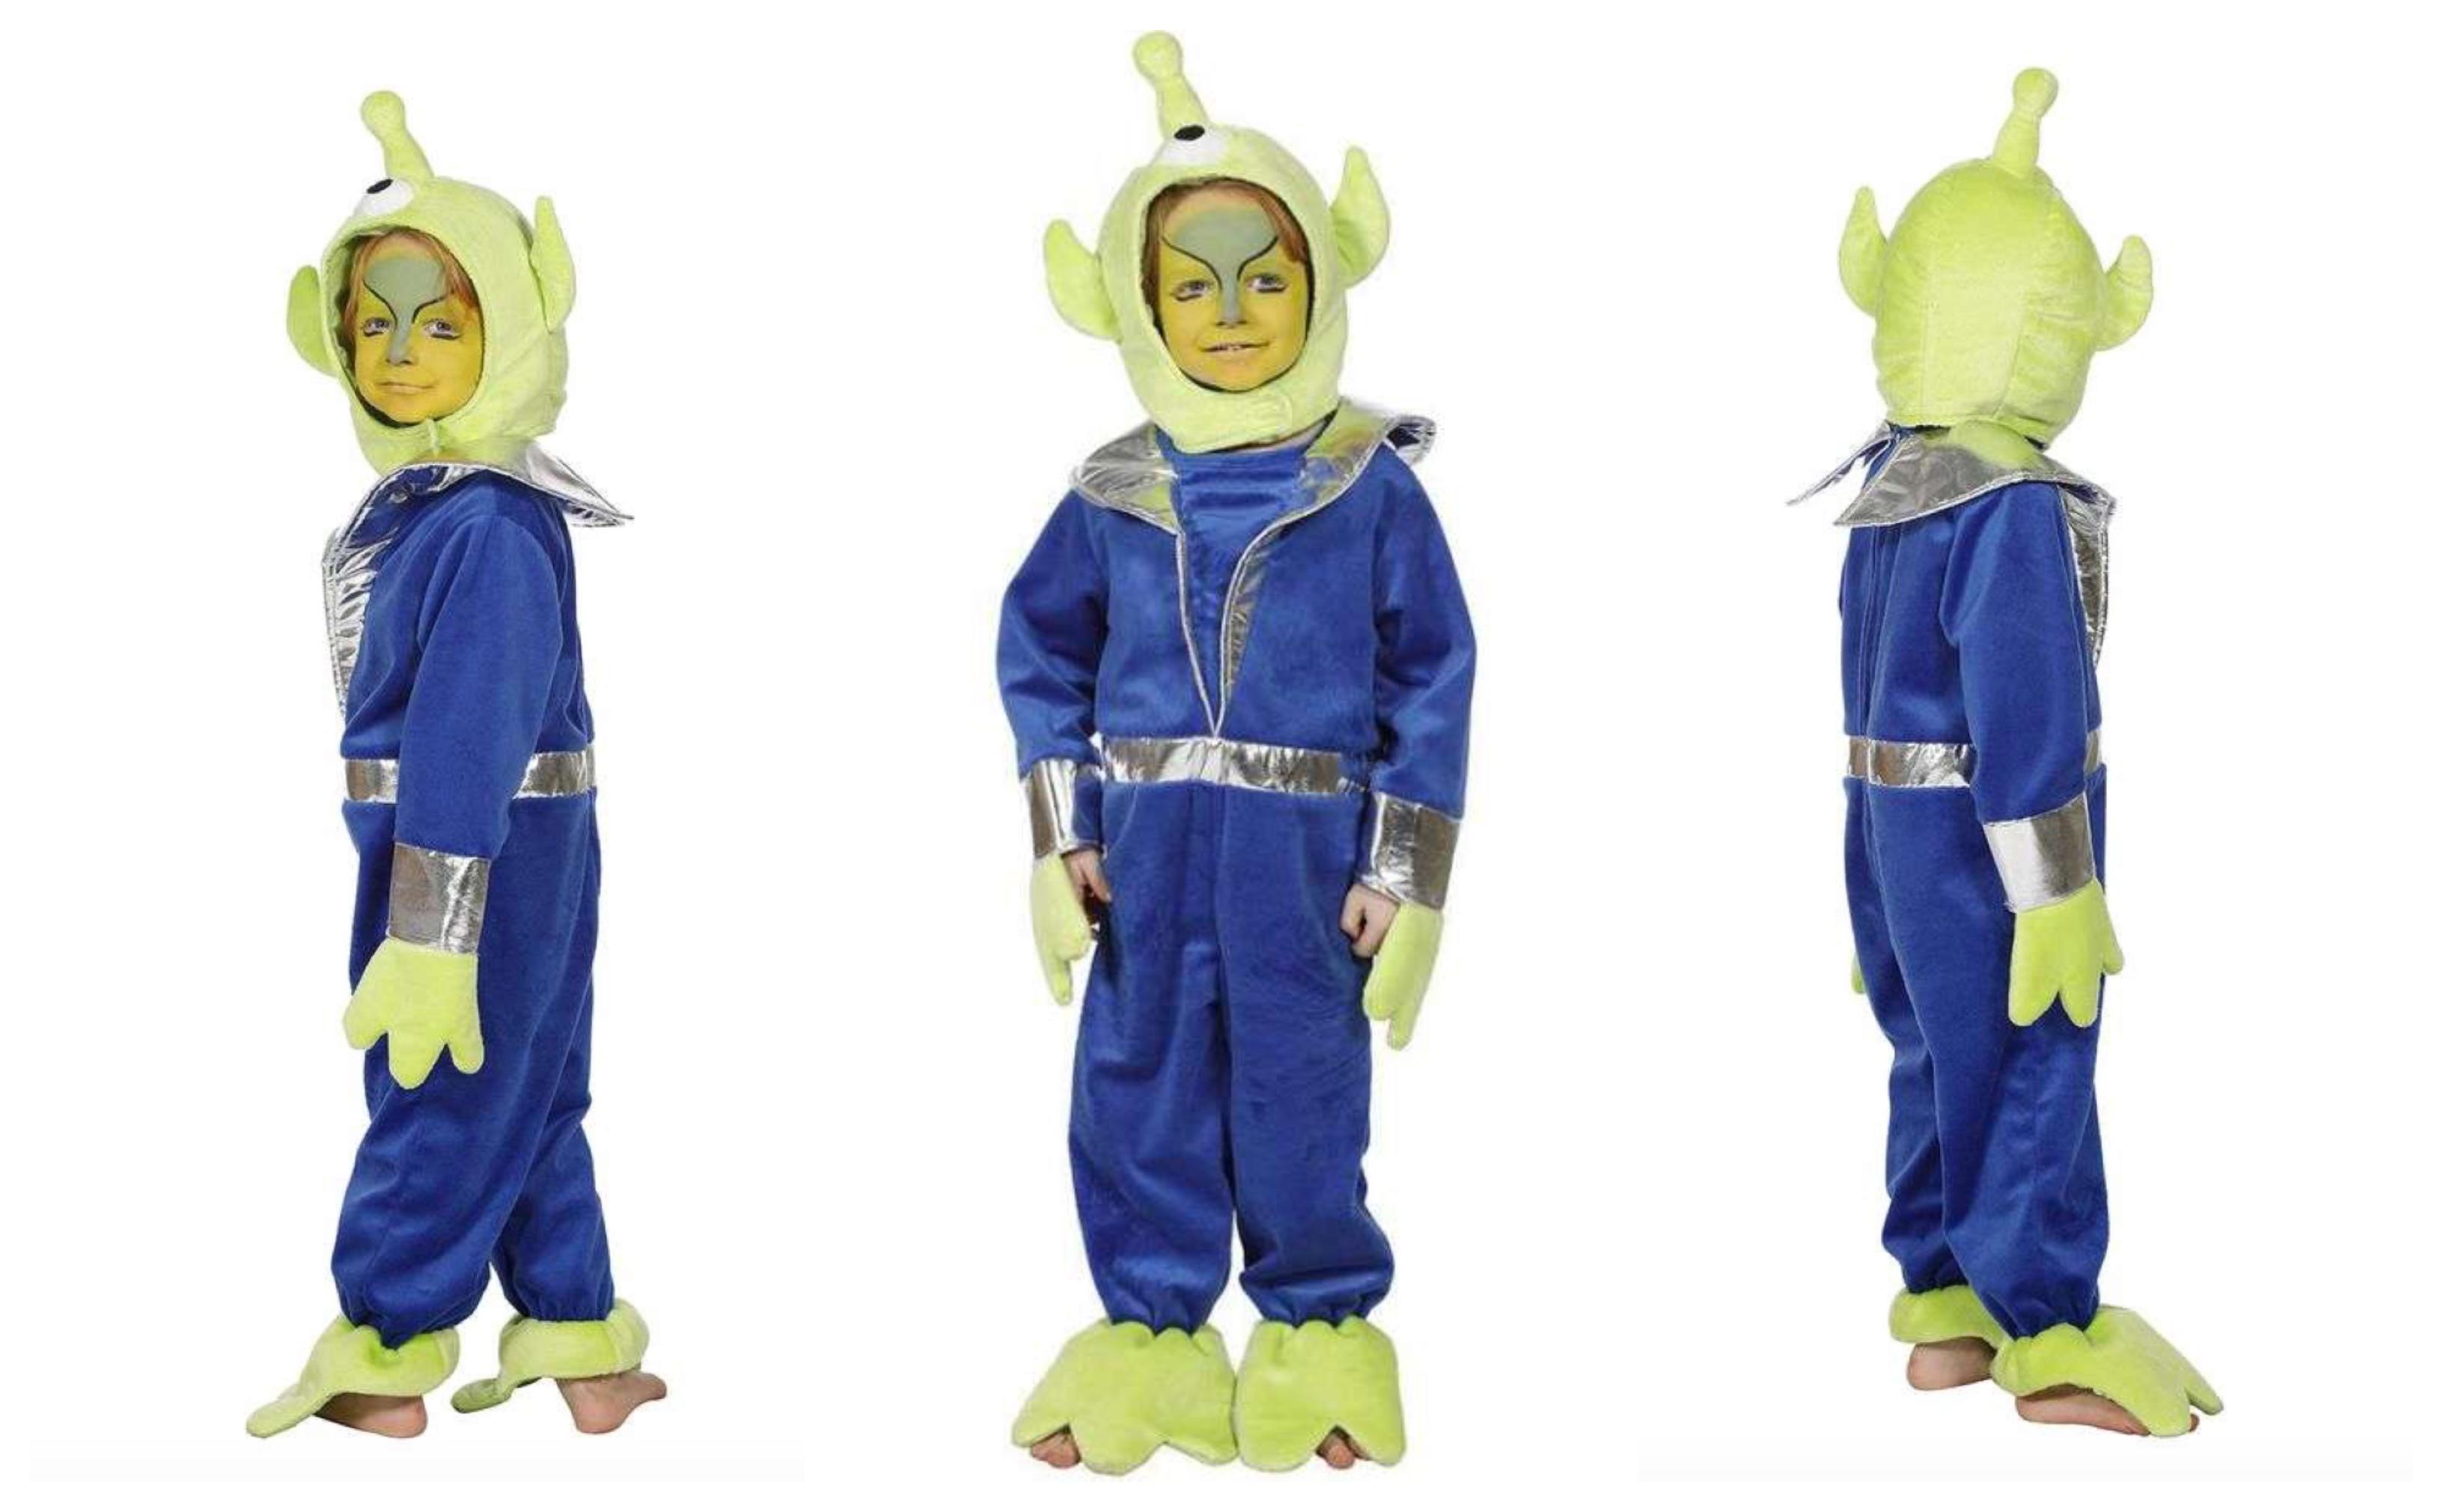 toy story alien BØRNEKOSTUME - Toy Story børnekostumer